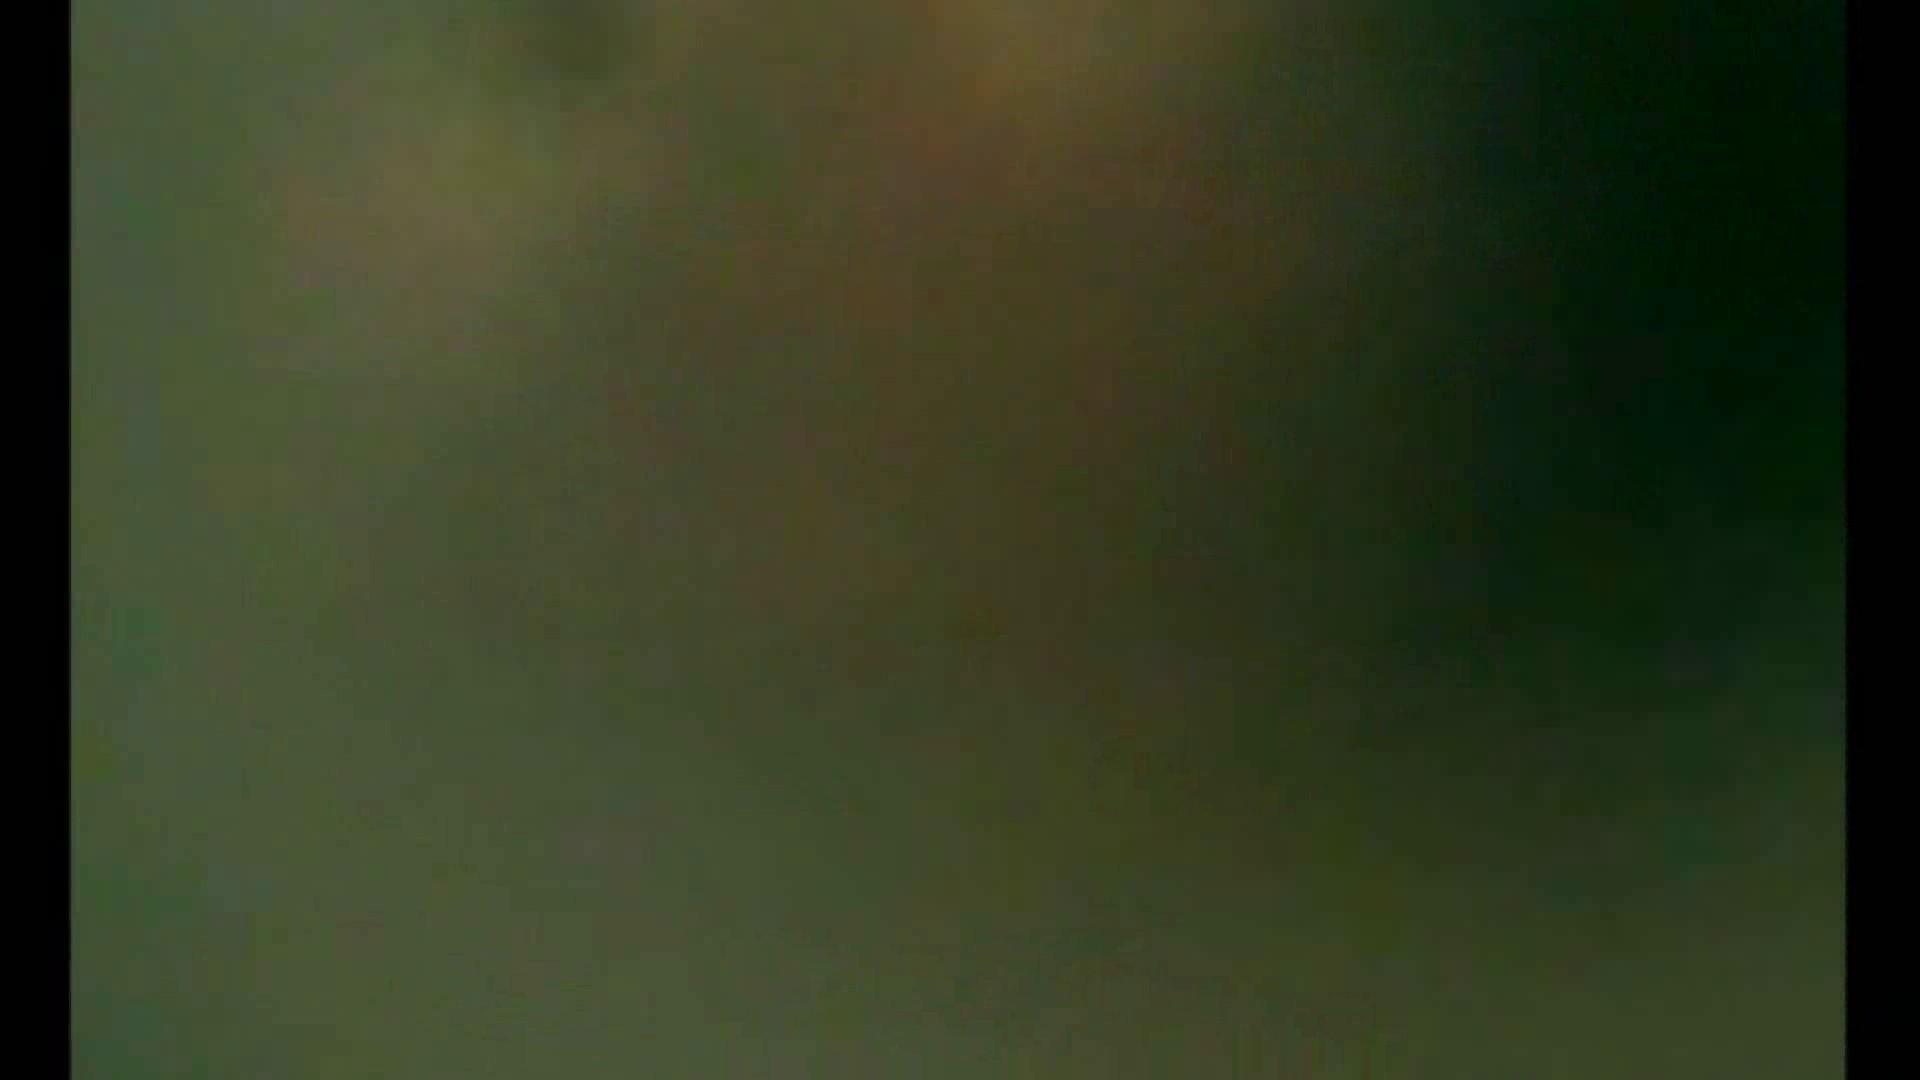 イケメンの素顔in洗面所 Vol.16 男天国 | イケメンのsex  109pic 65